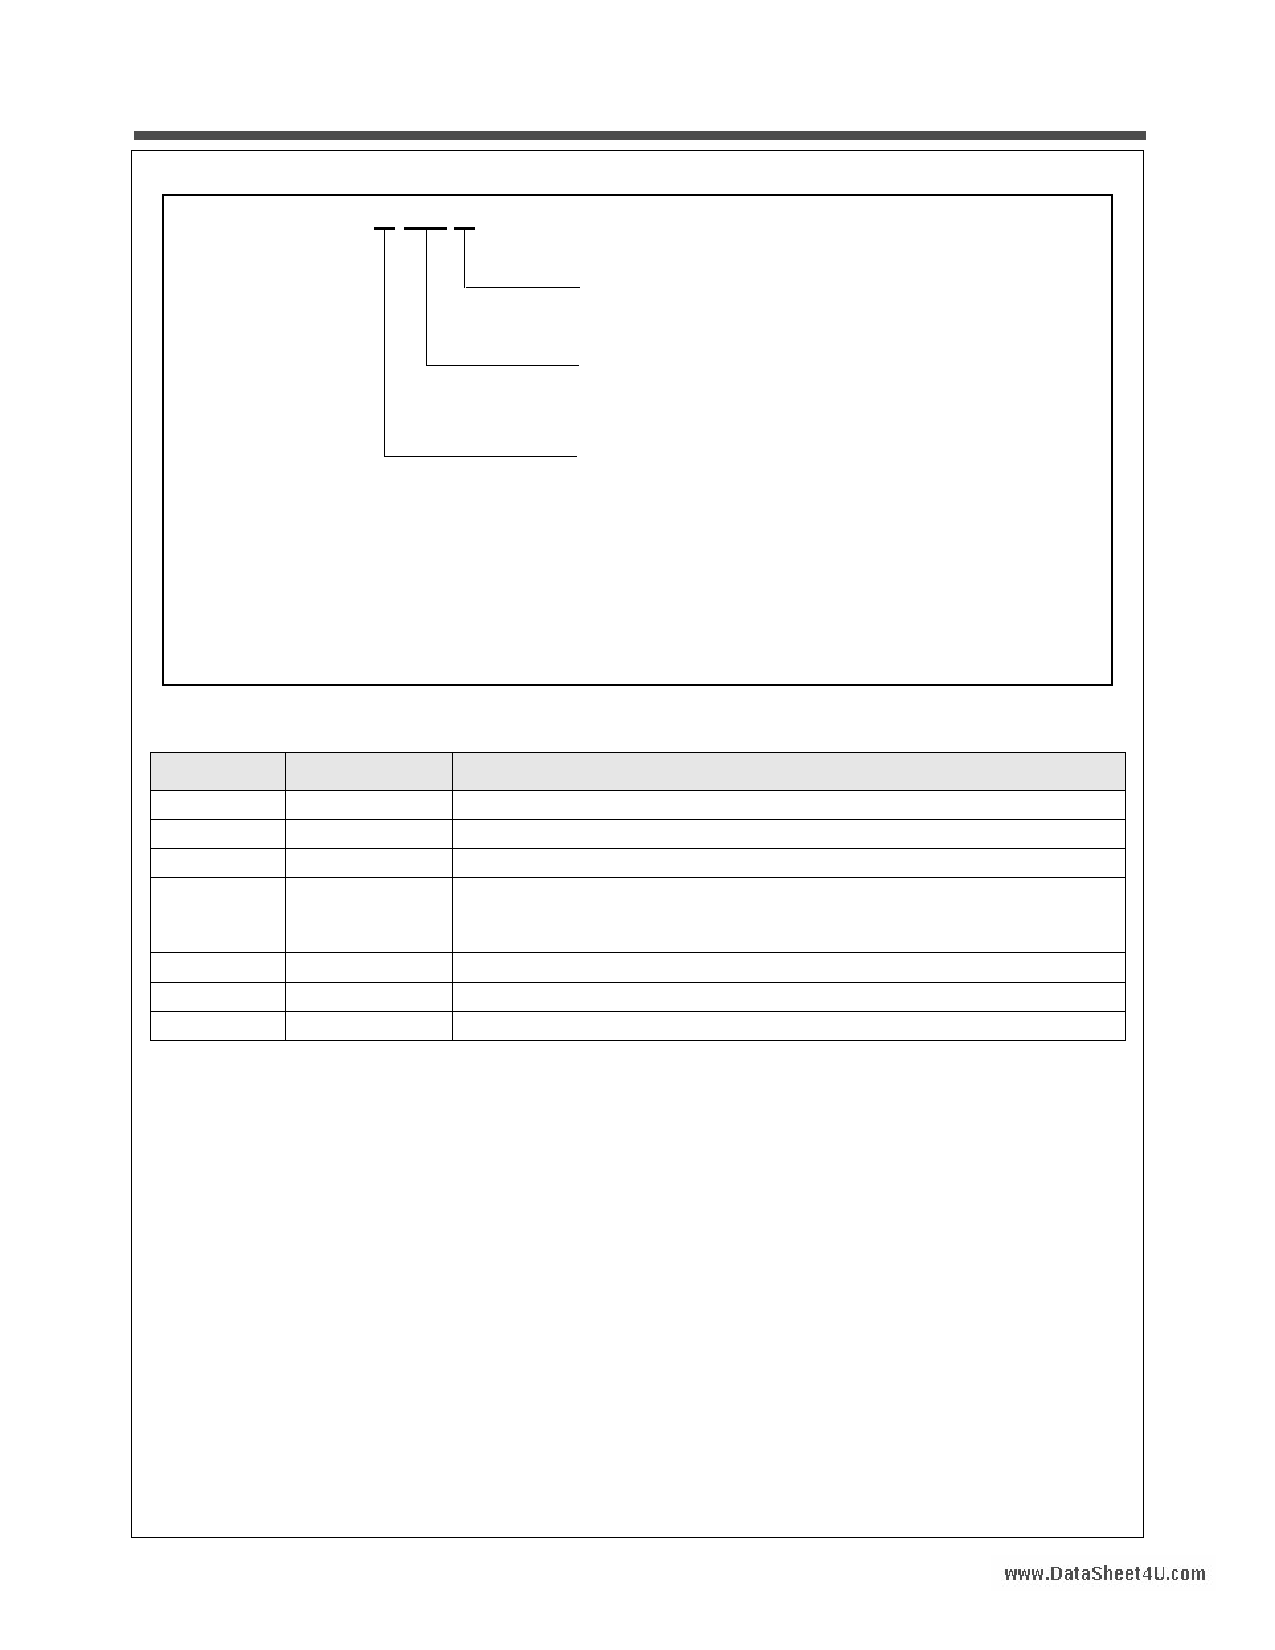 N02L163WC2A arduino